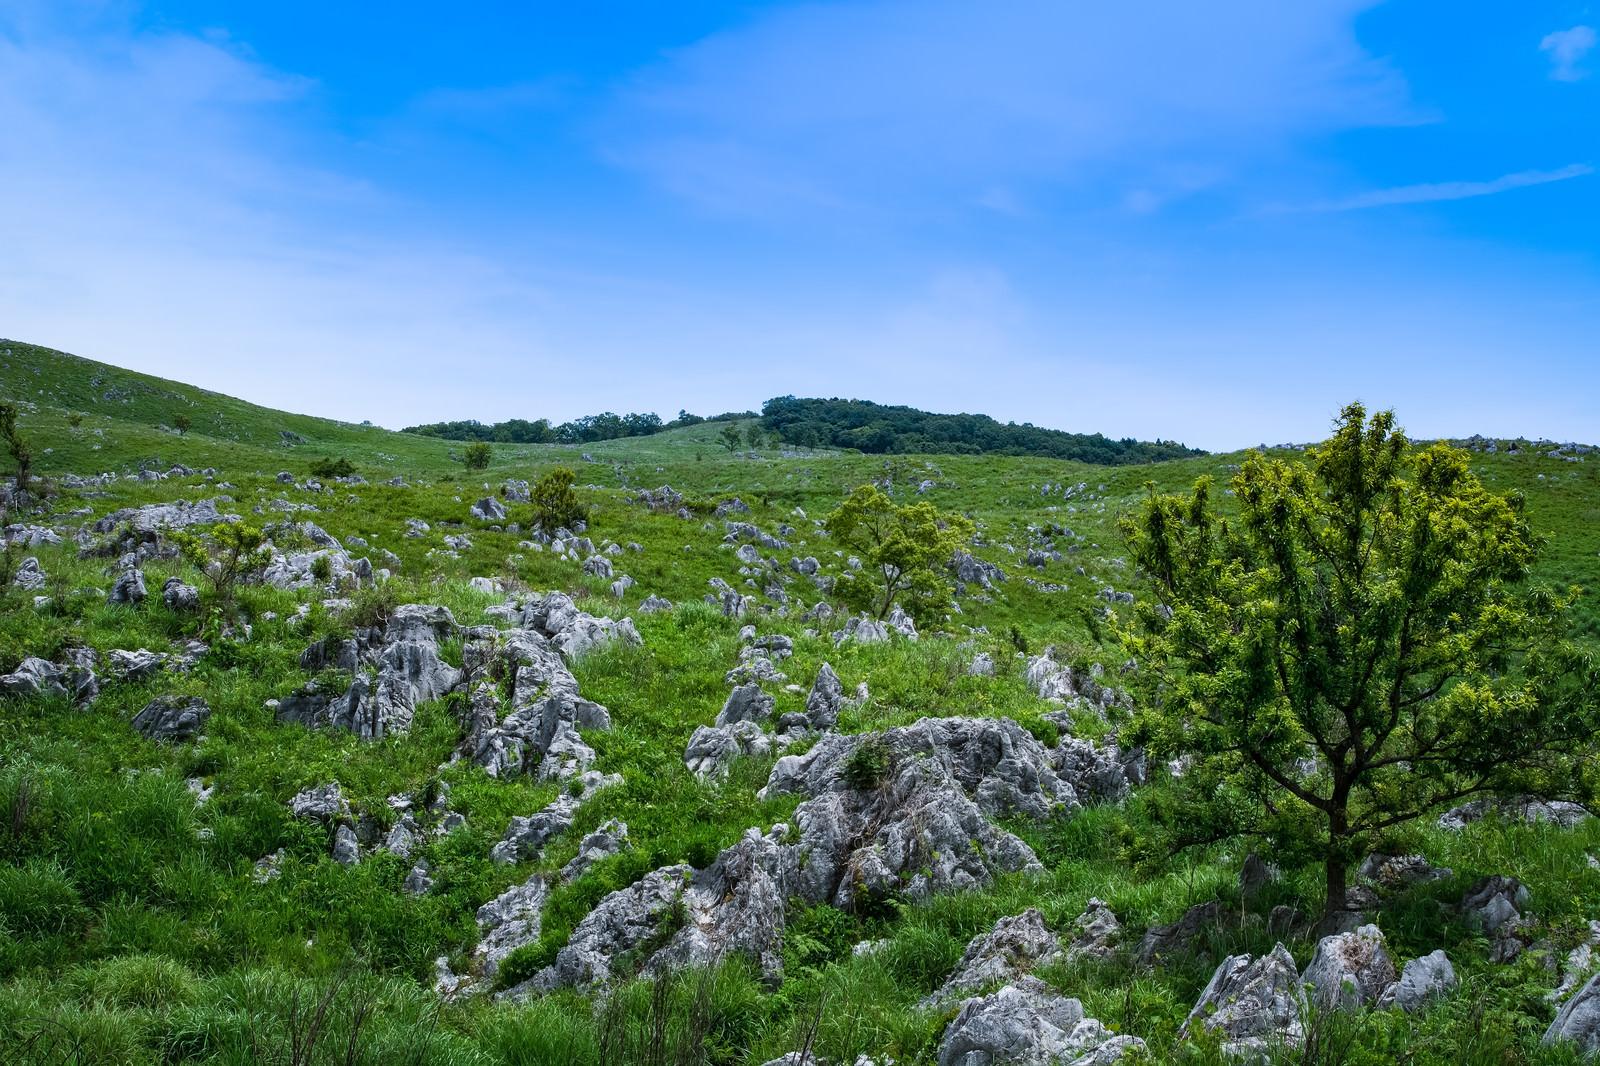 「カルスト台地に育つ草木(山口県美祢市)」の写真